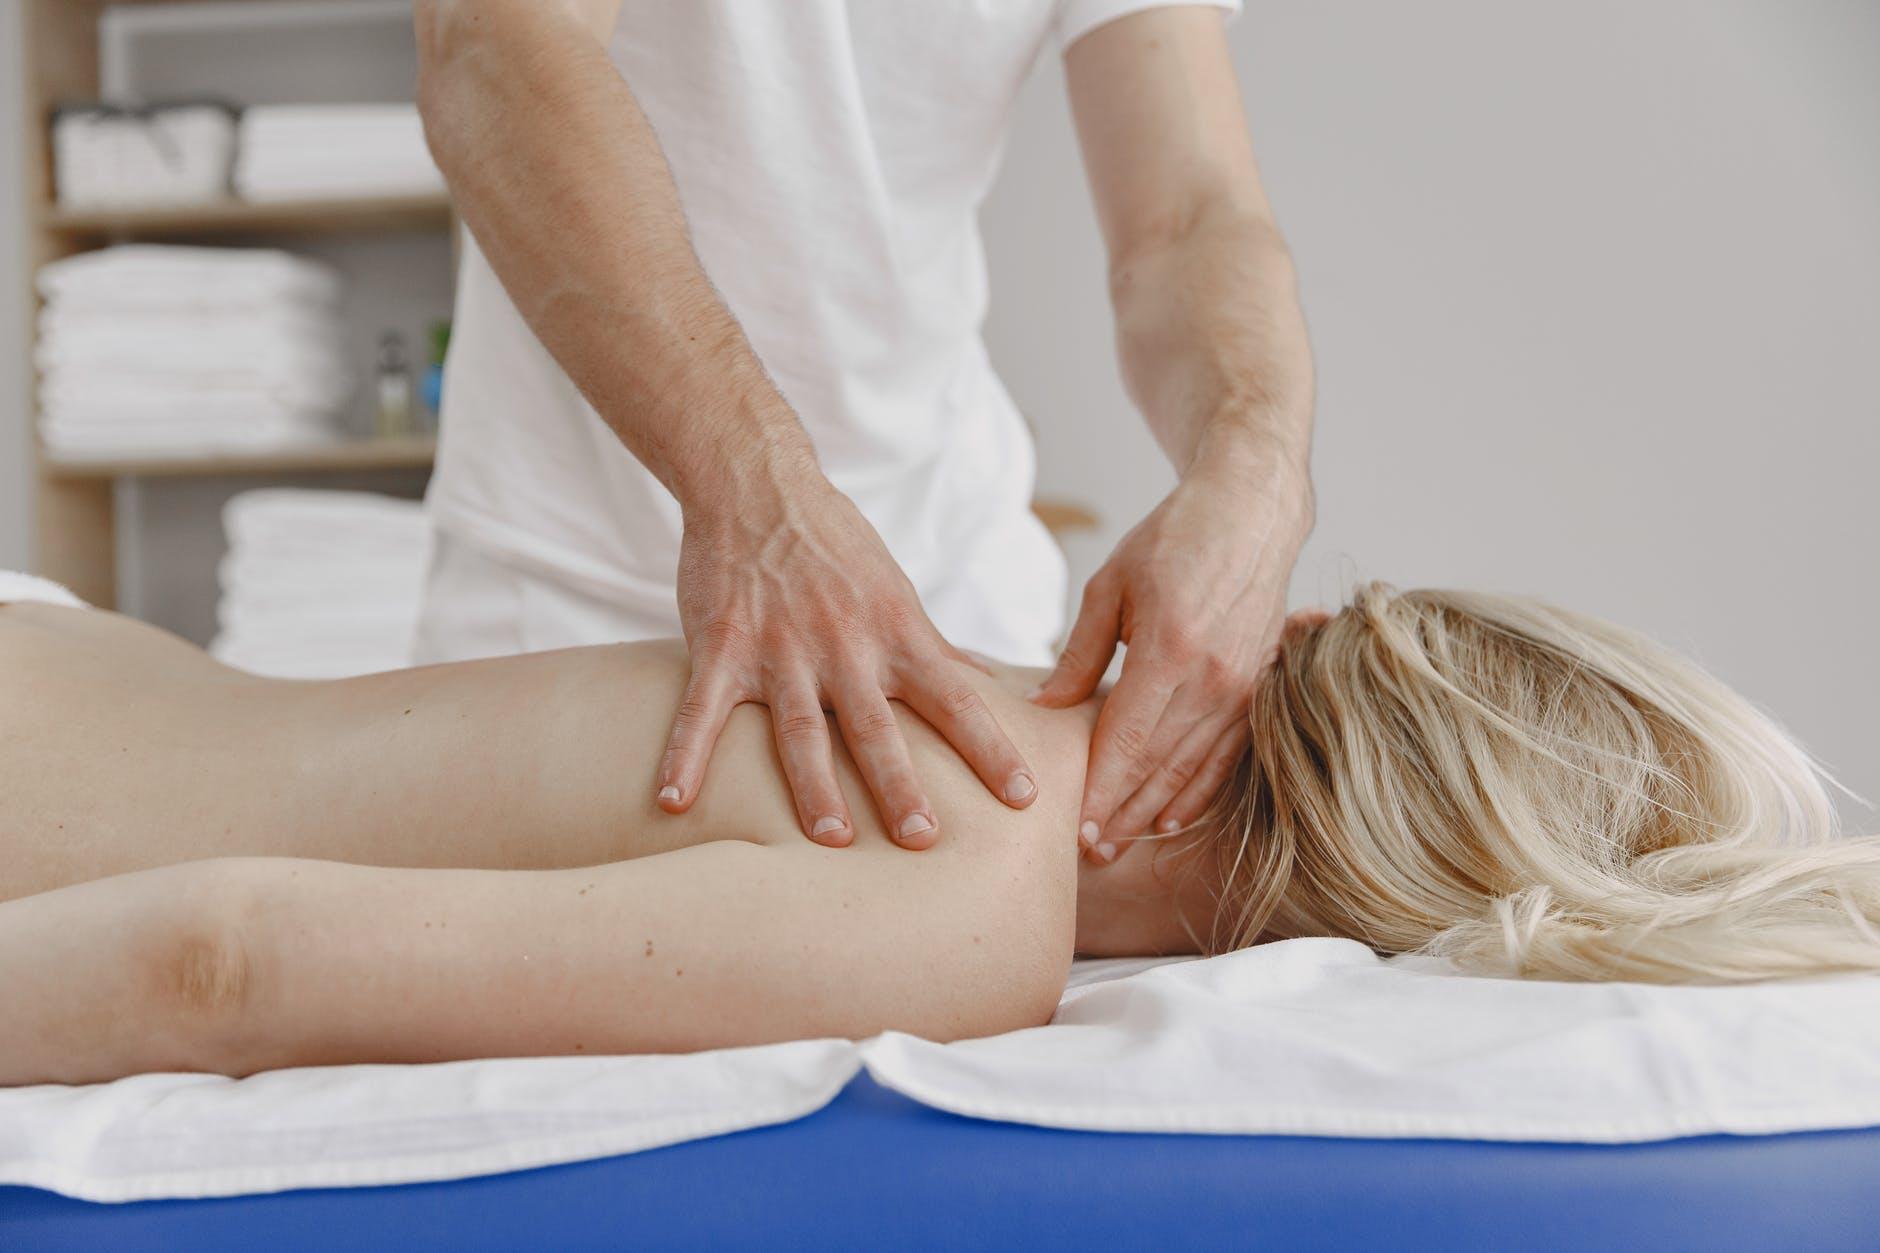 Iedere dag een massage met een massagestoel